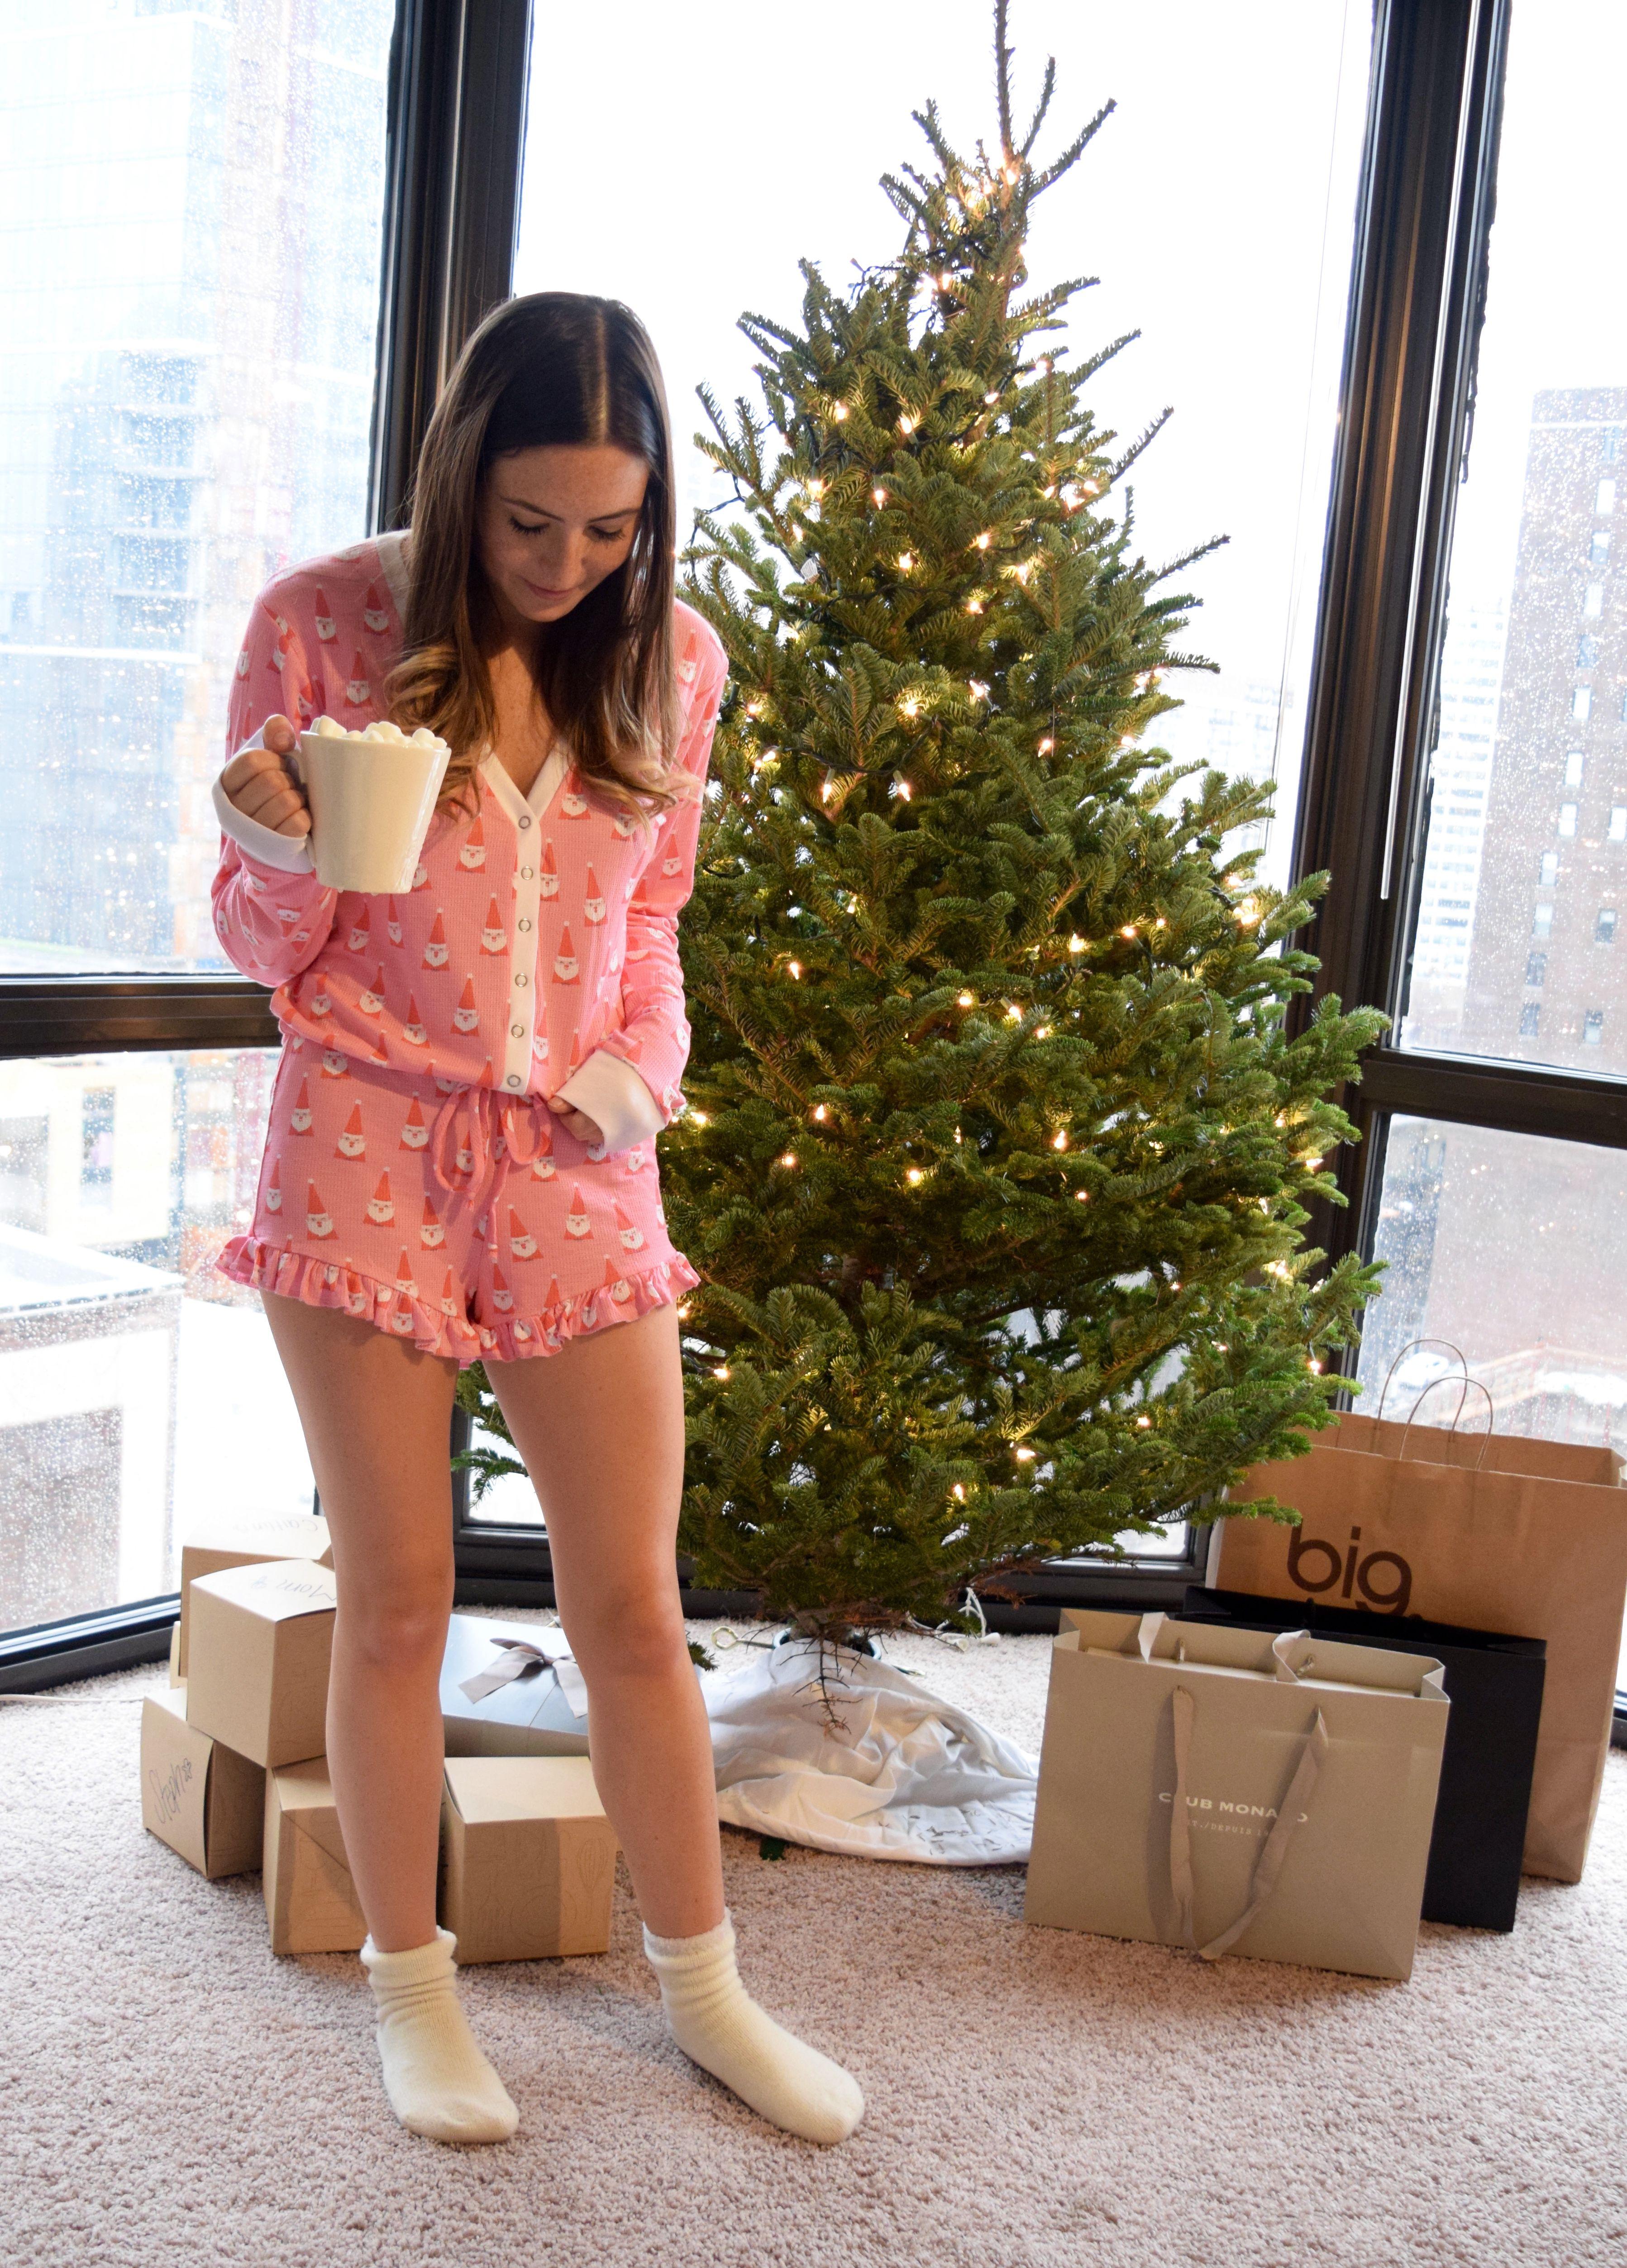 Wildfox Christmas Pajamas.Christmas Pajamas Wildfox Romper Style Recipes Christmas